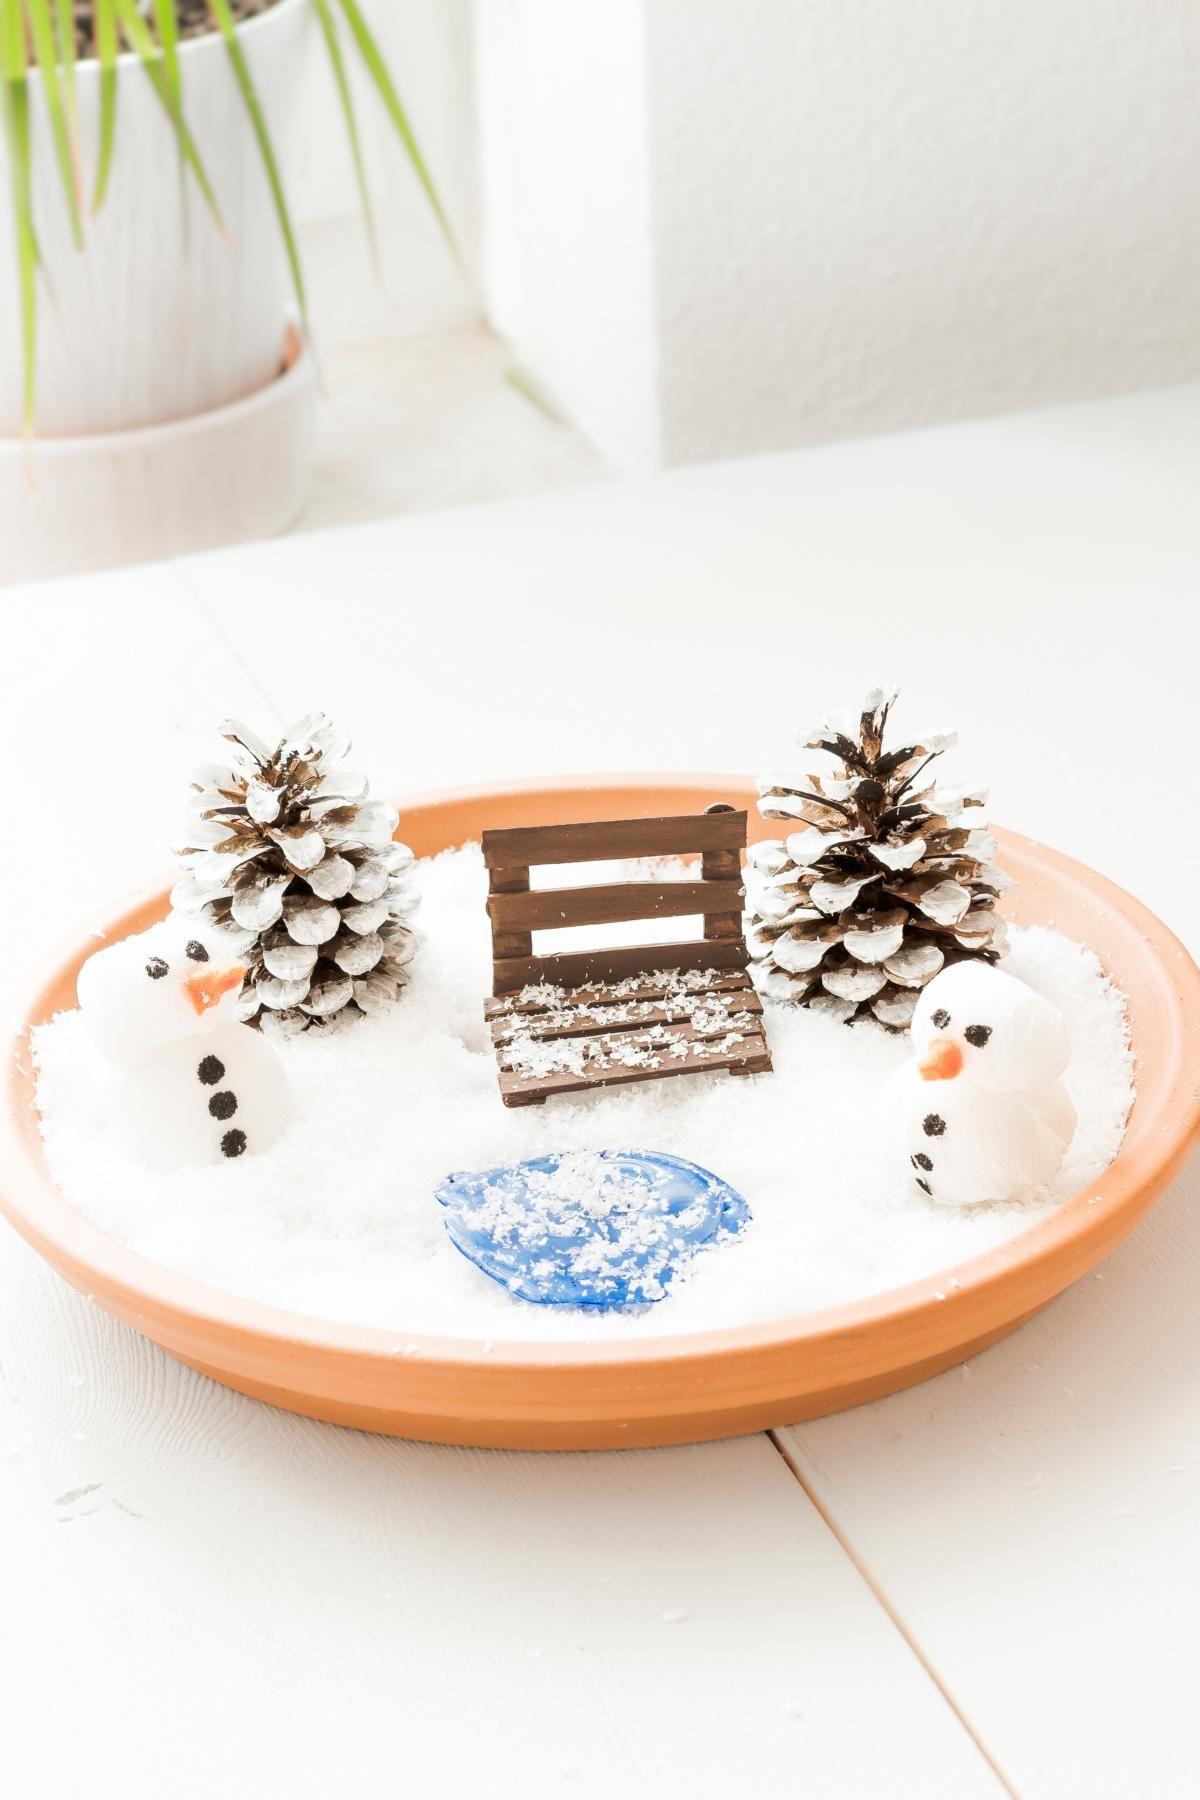 schöne Winterdeko: DIY Miniatur Winterlandschaft basteln ...